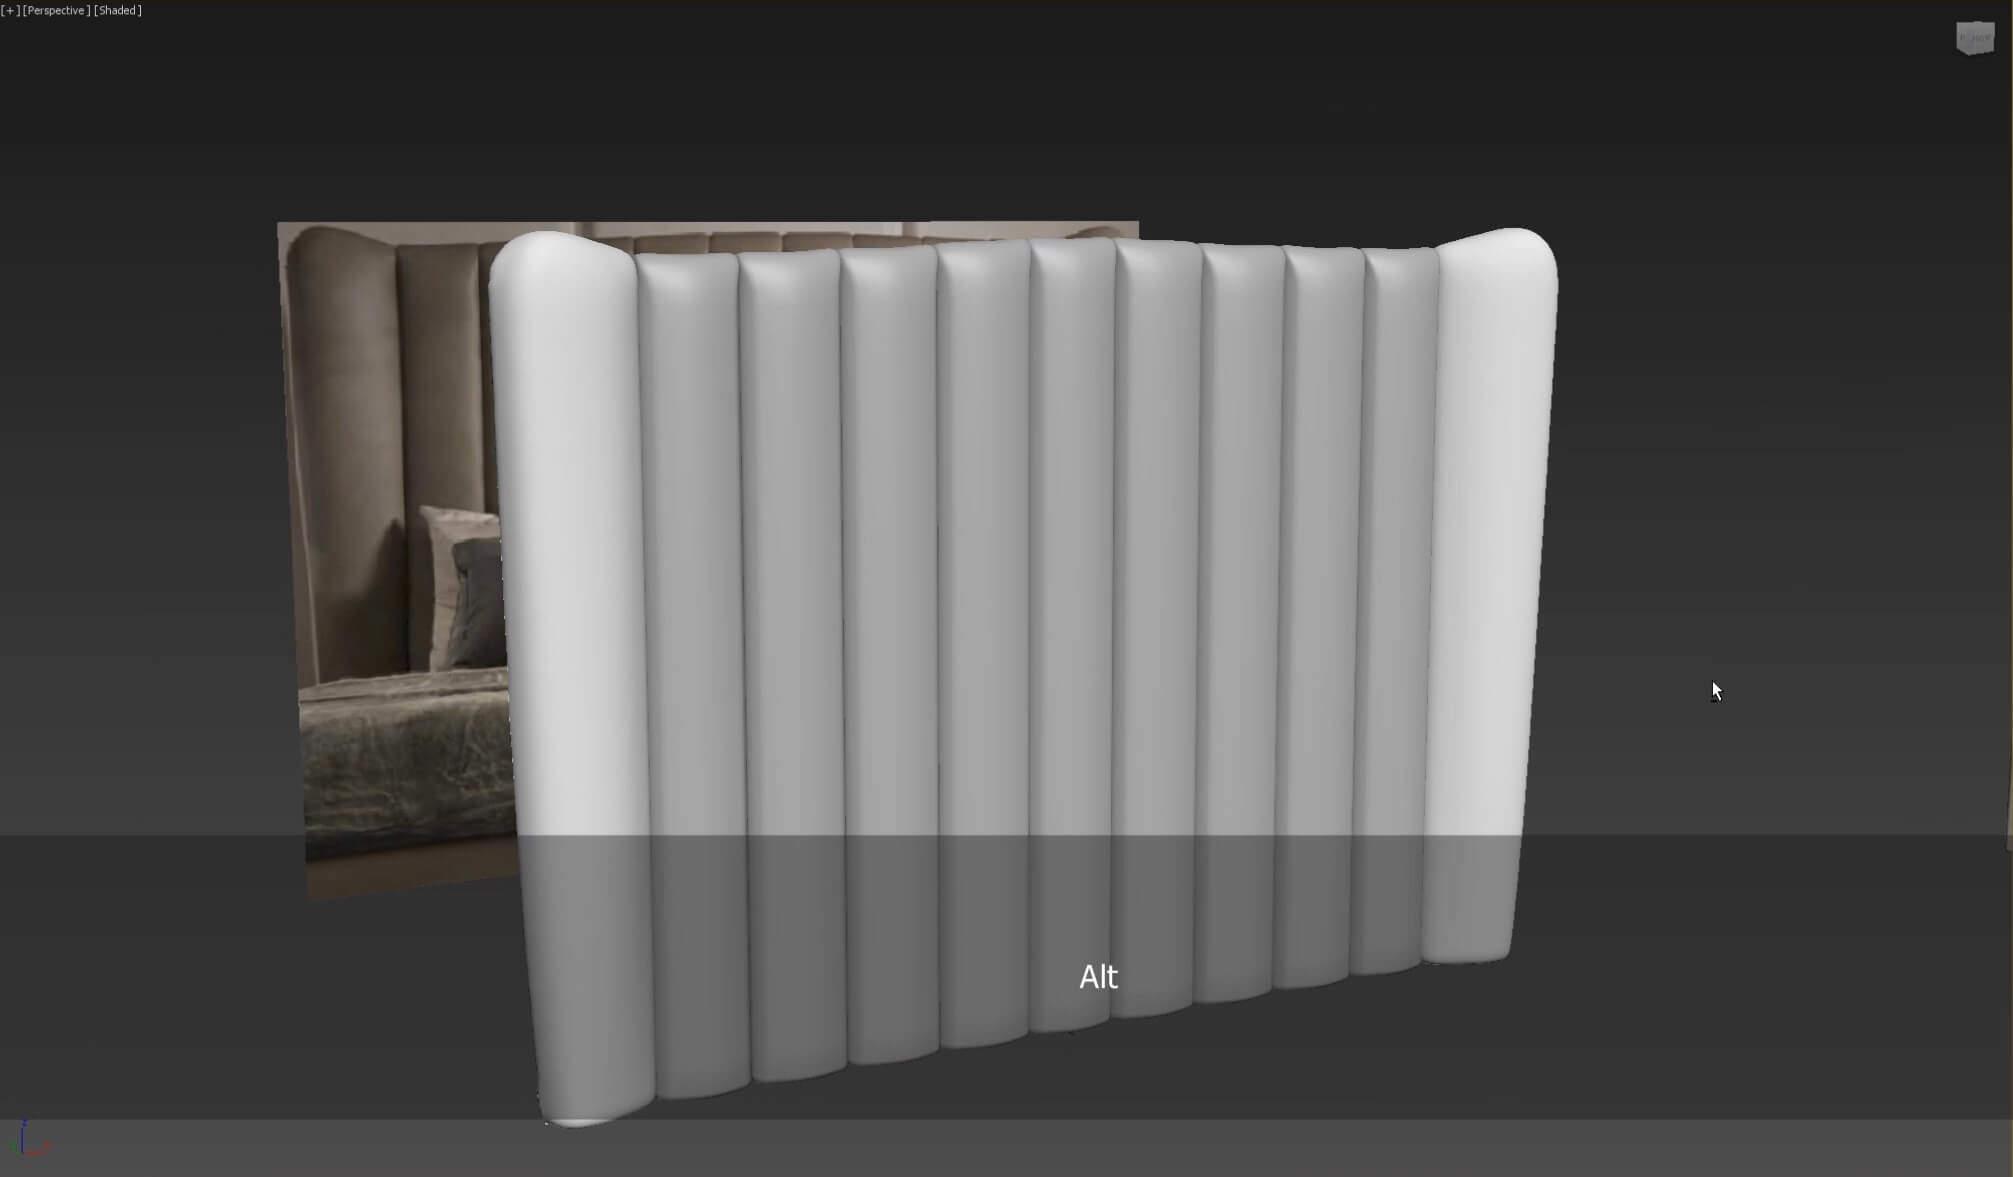 3d моделирование кожаного изголовья кровати DV home Hermes в 3dsMax_5